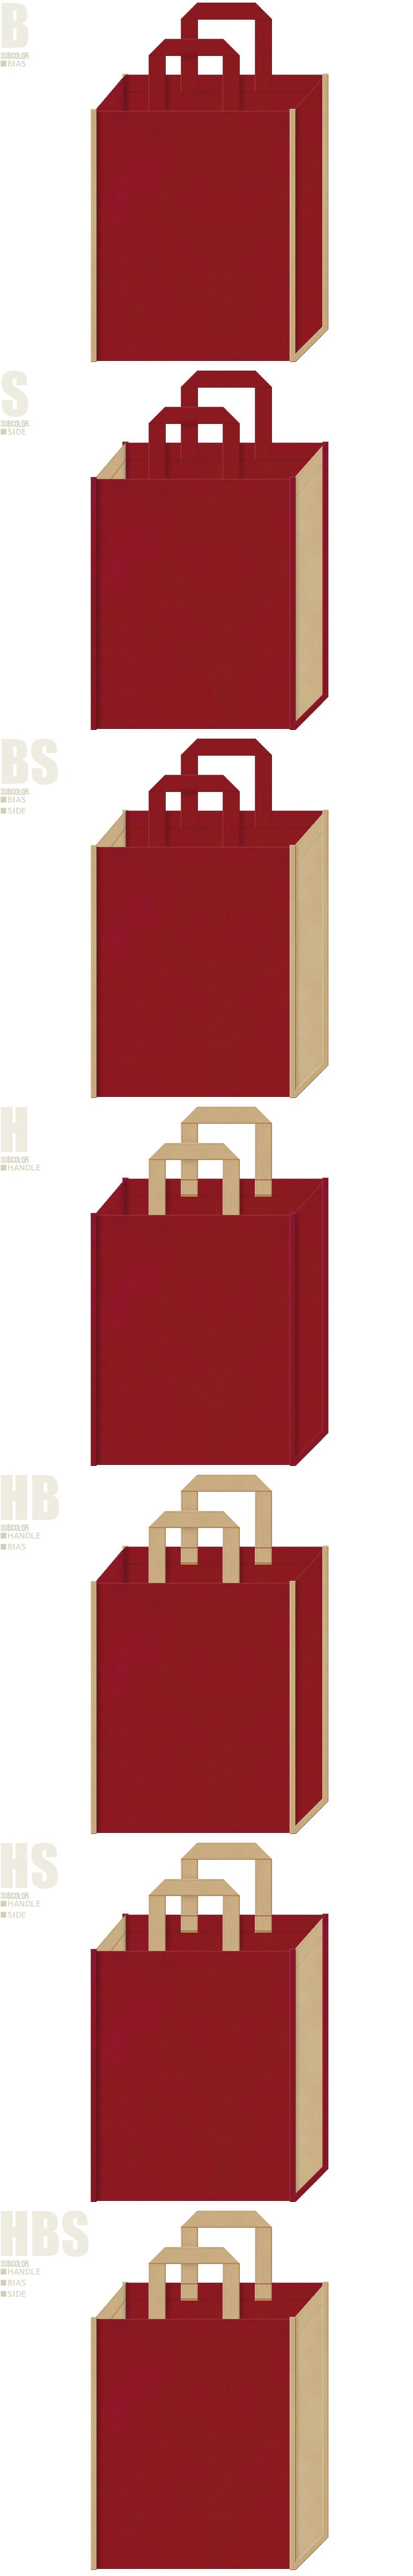 伝統芸能・伝統工芸・和風演出・和風ディスプレイ・和風催事の記念品にお奨めの不織布バッグデザイン:臙脂色とカーキ色の配色7パターン